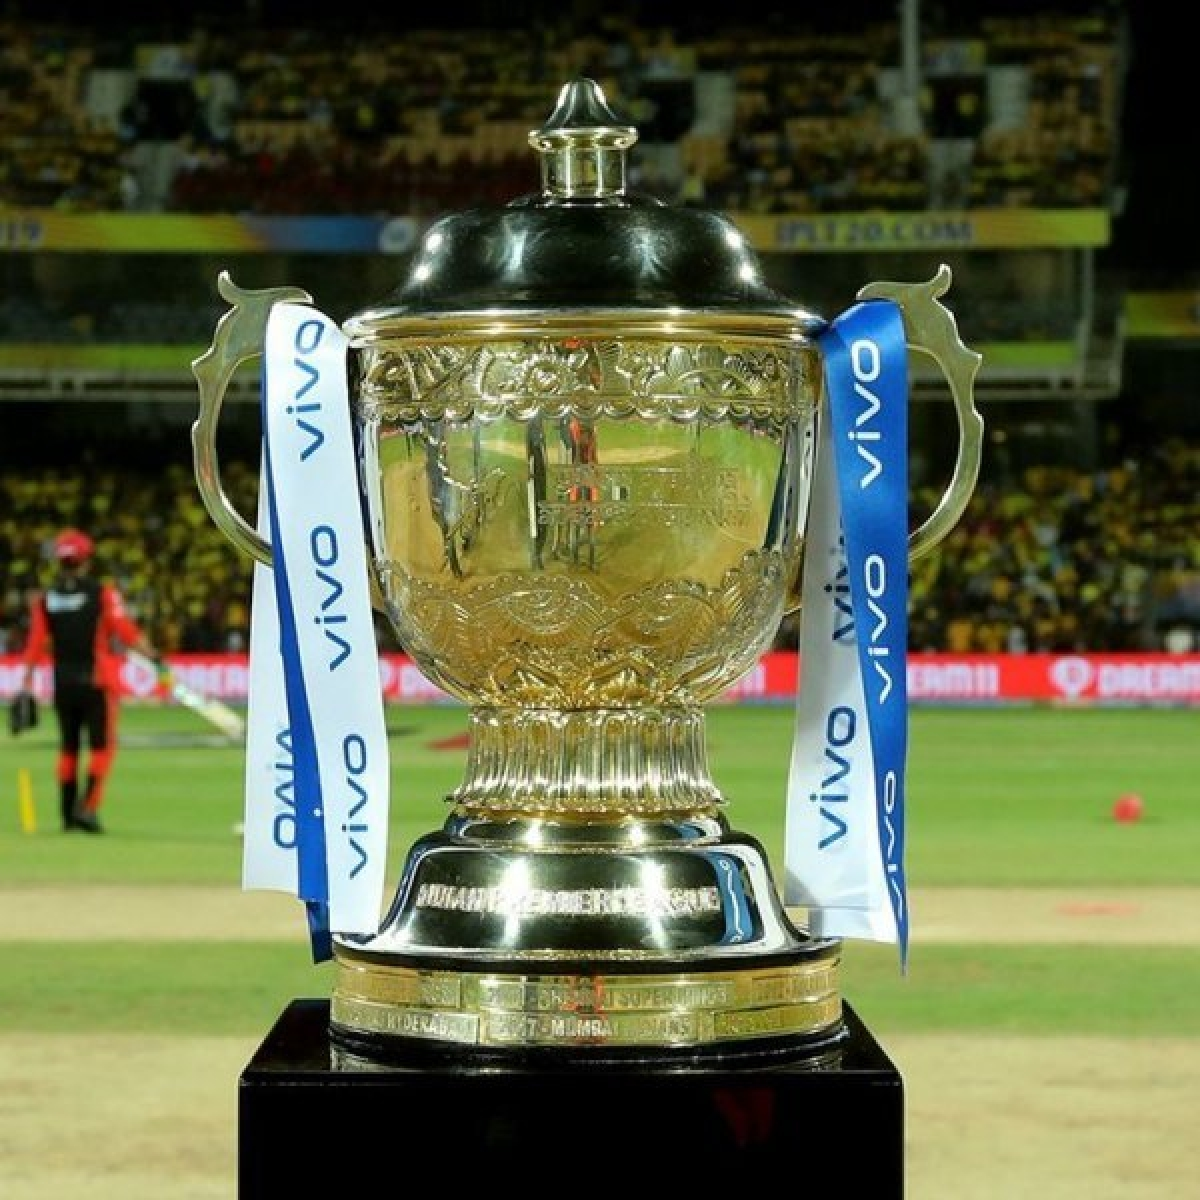 30 நிமிடங்கள் முன்னதாகவே தொடங்கும் ஐபிஎல் ப்ளே ஆஃப் போட்டிகள்!  #IPL2019